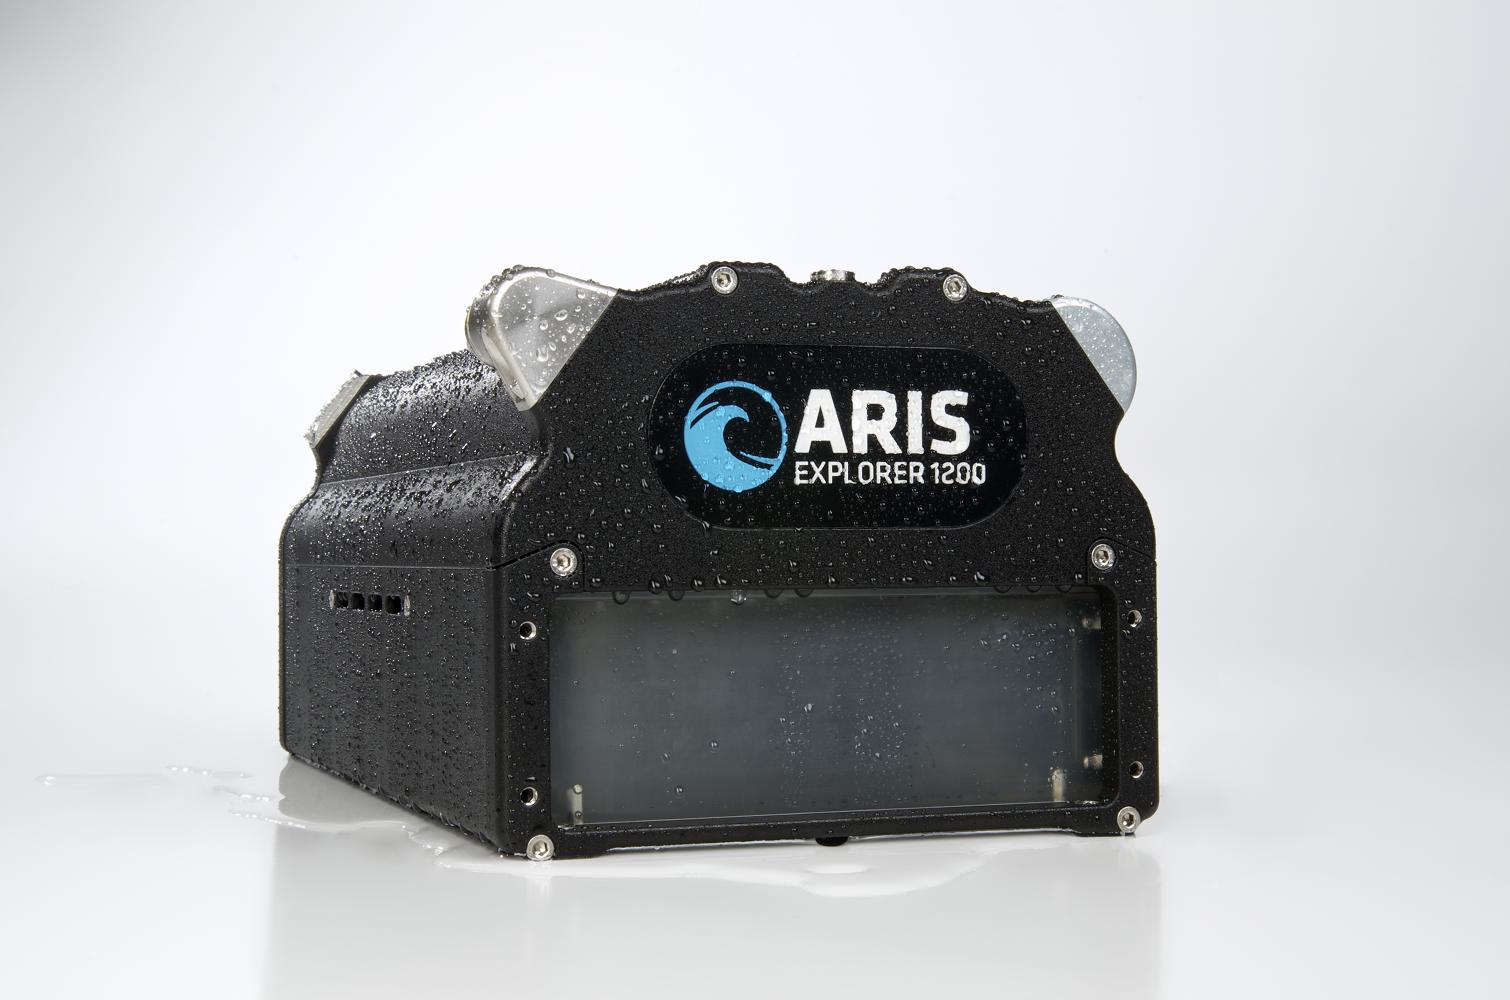 Aris: ARIS Explorer 1200